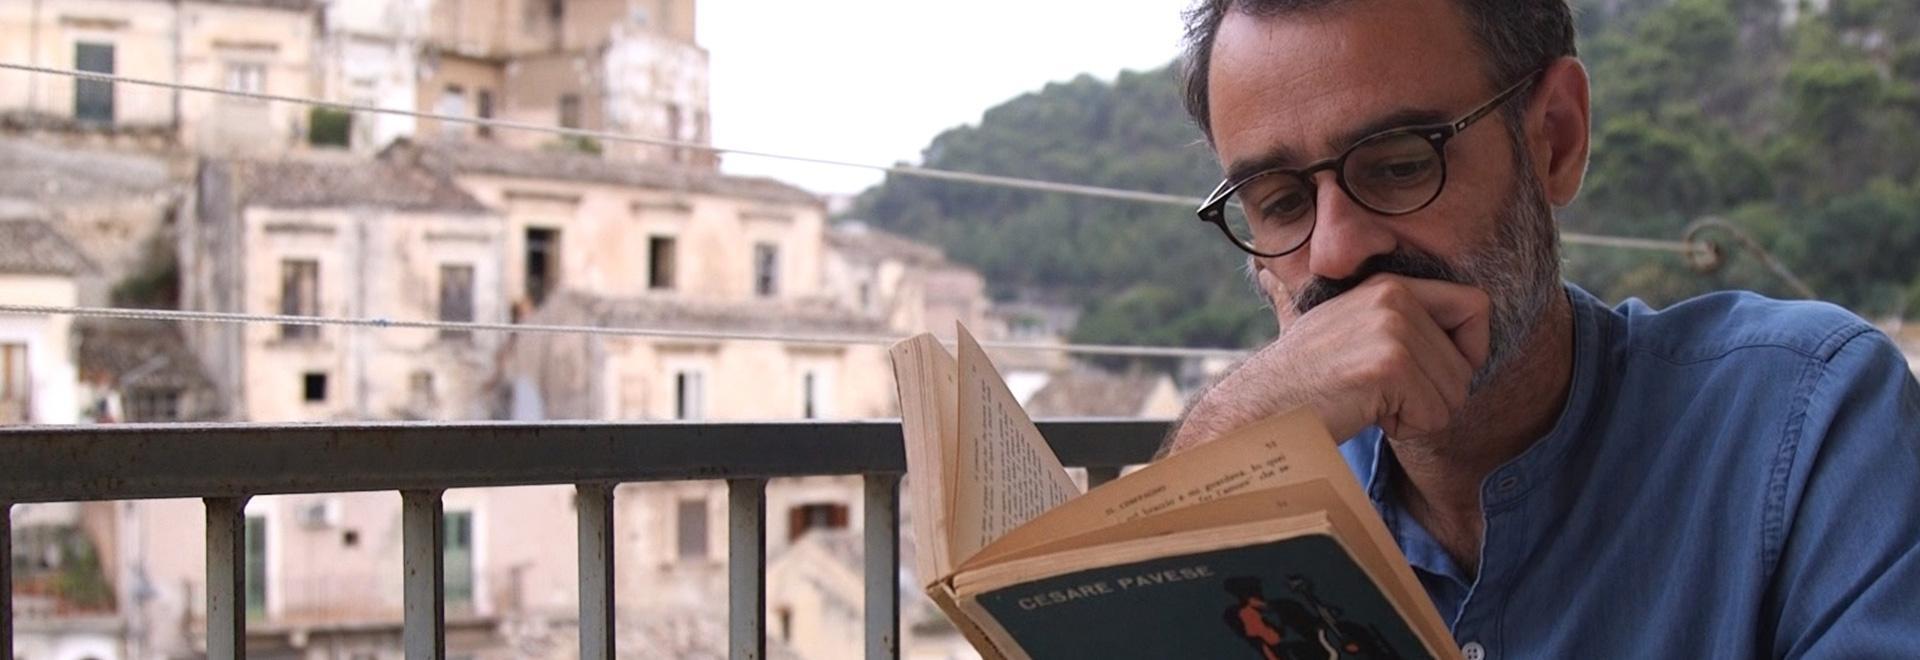 Ubaldo, il lettore che supera le sfide